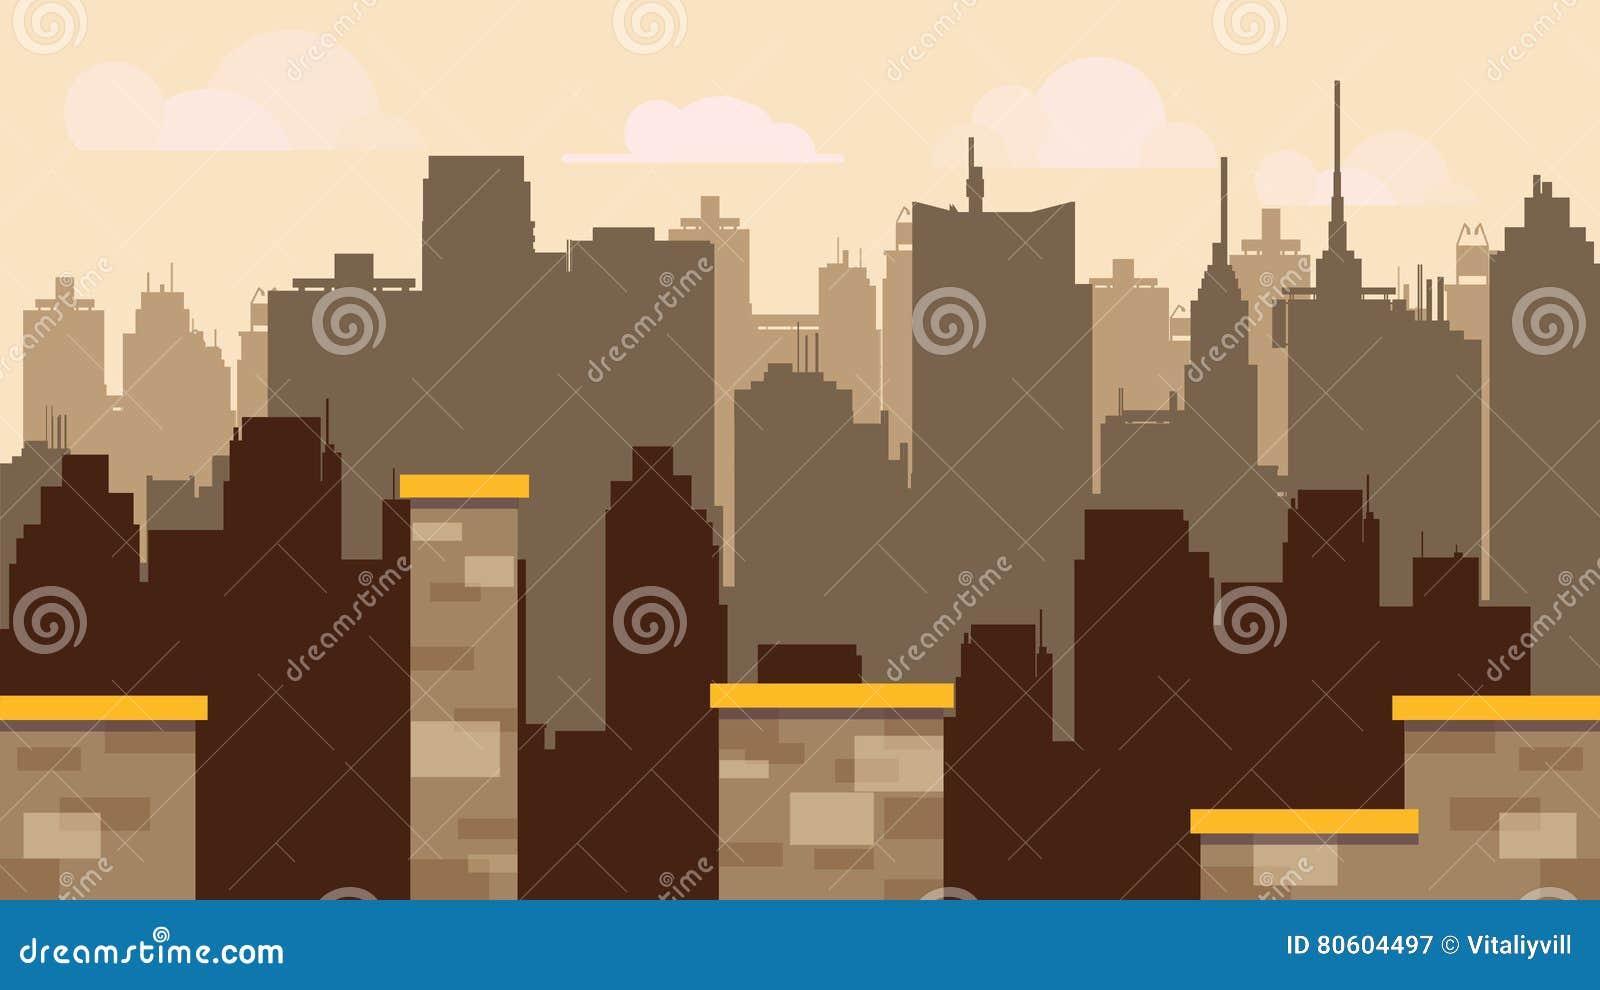 plataforma determinada de la teja para el juego diseo de juegos del modelo del vector estilo plano del ilustrador con el fondo